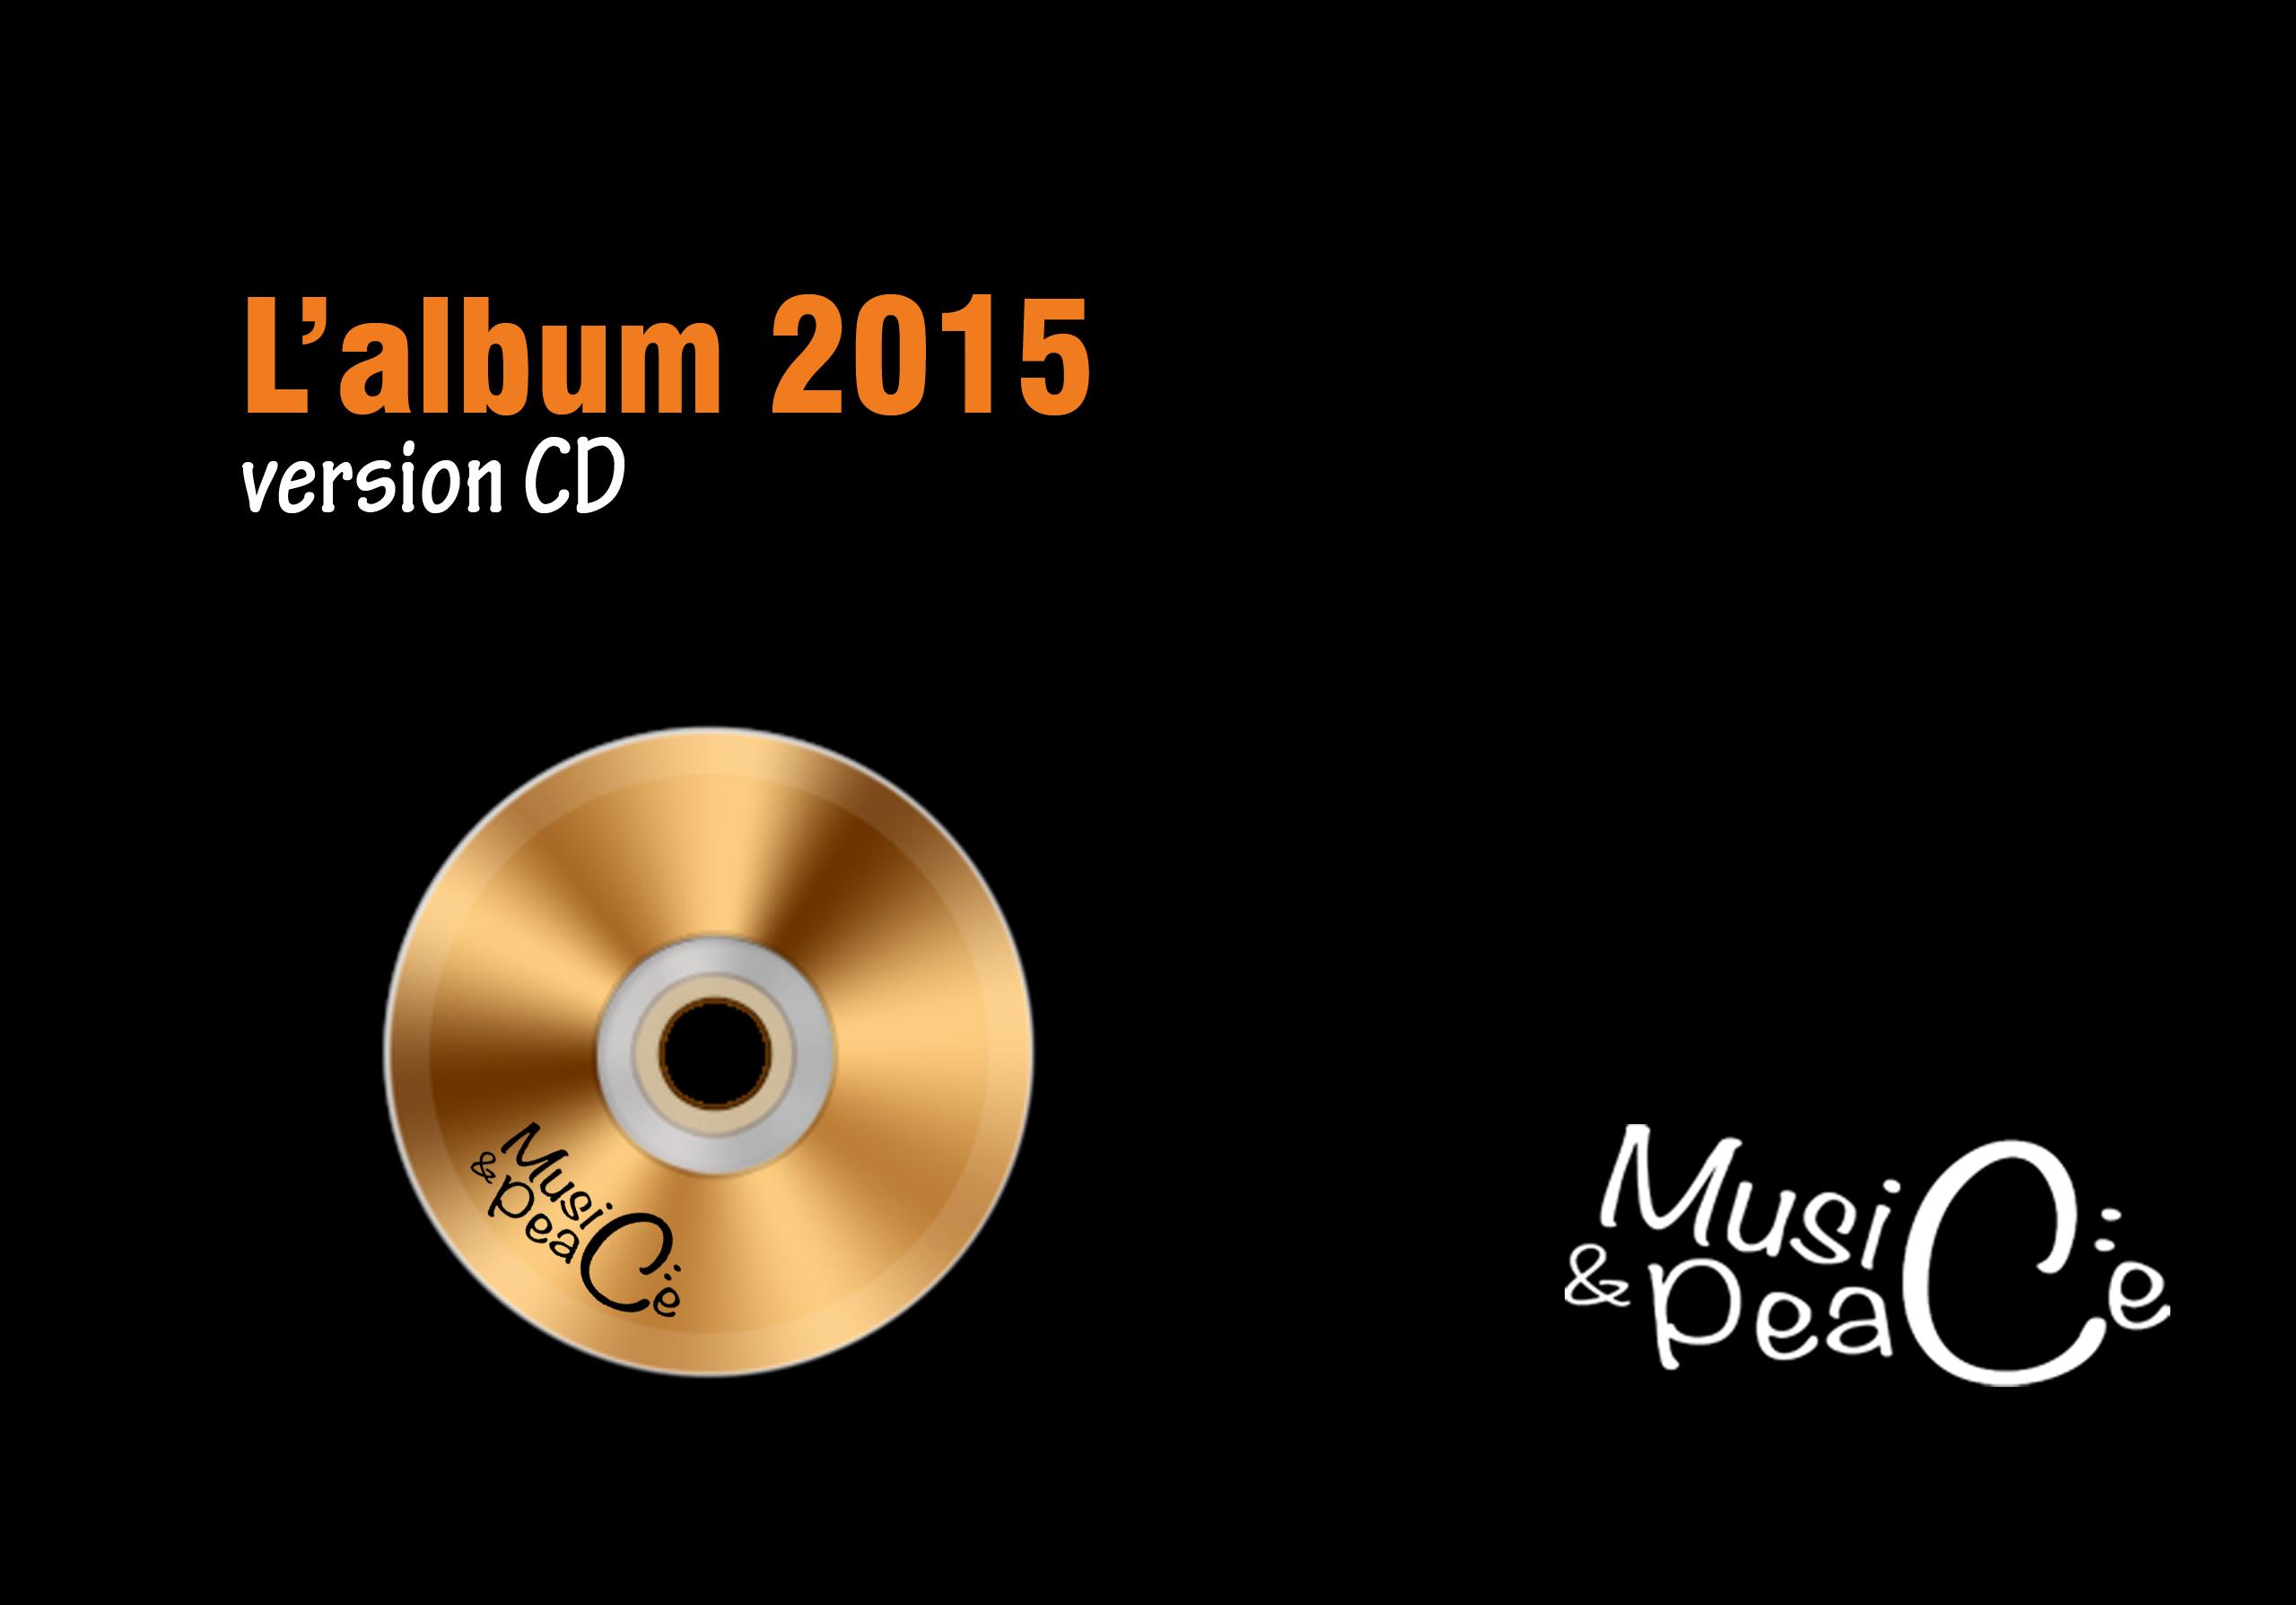 album_CD-1422455718.jpg